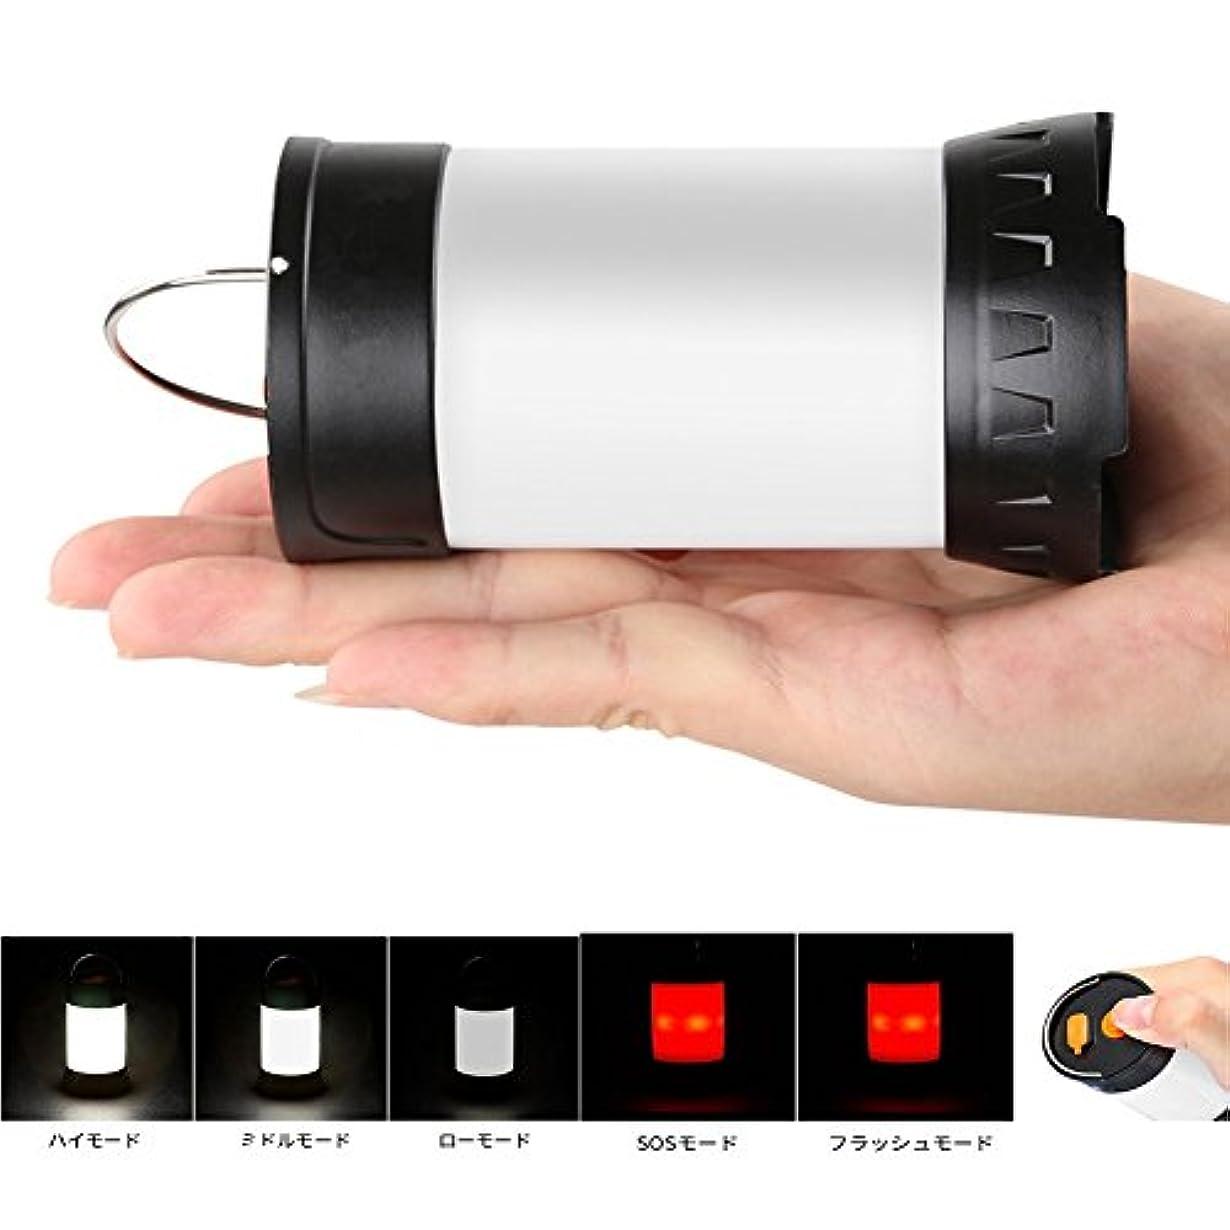 感動する舗装するパークMomiji ランタン LEDライト 超高輝 IPX6 防水 USB充電式 懐中電灯 5つ調光モード マグネット付き SOS効能 キャンプ アウトドア 防災 登山 緊急 野宿 防災用 に大活躍